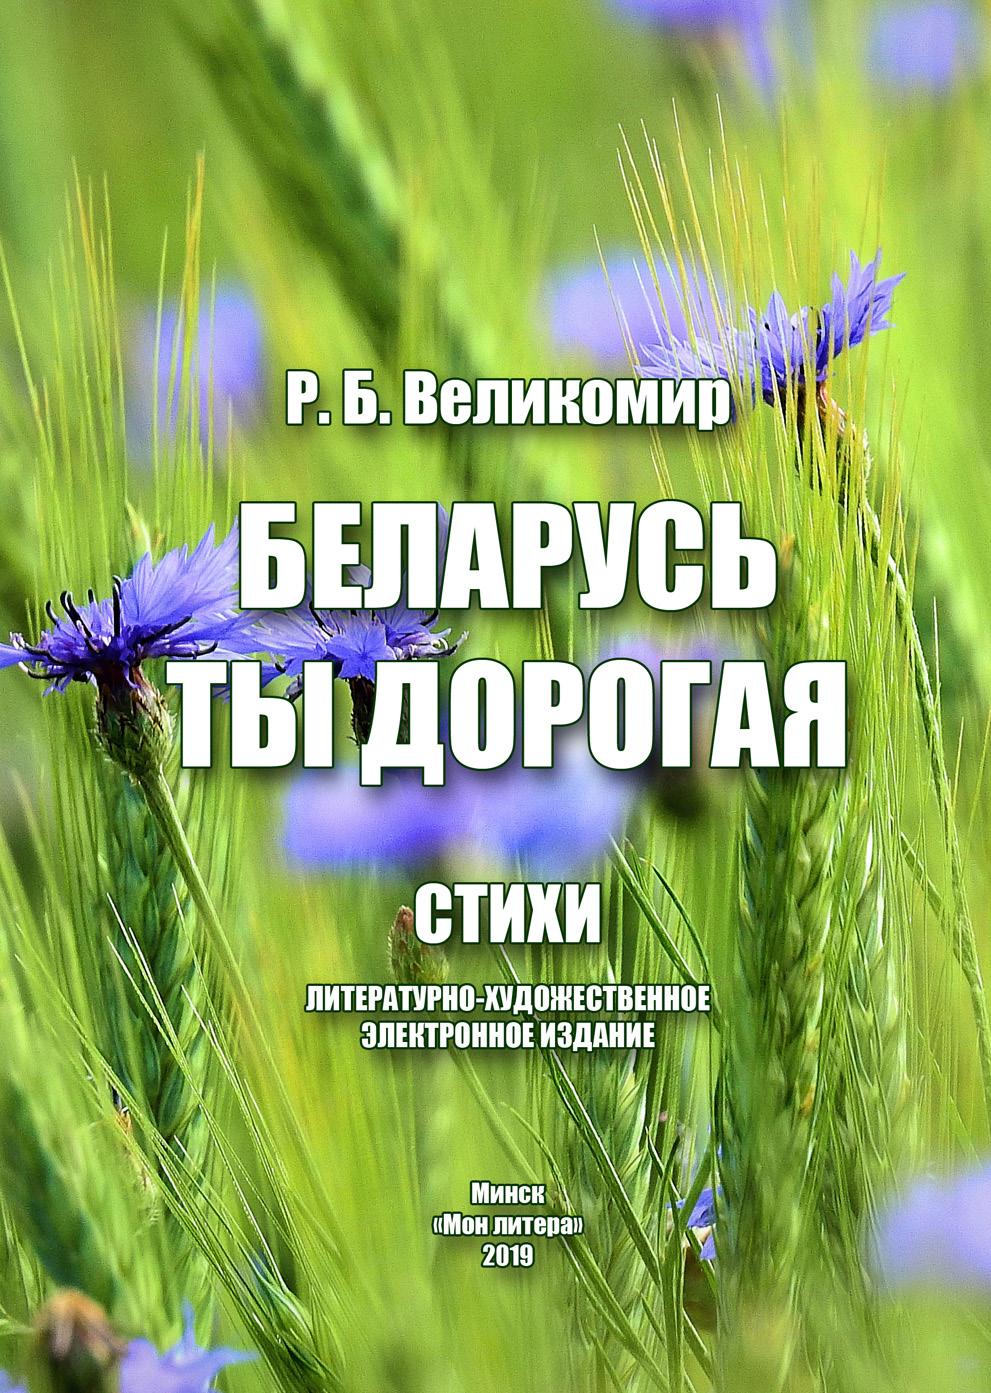 Р. Б. Великомир Беларусь моя дорогая игорь квятковский моя дорогая игрушка